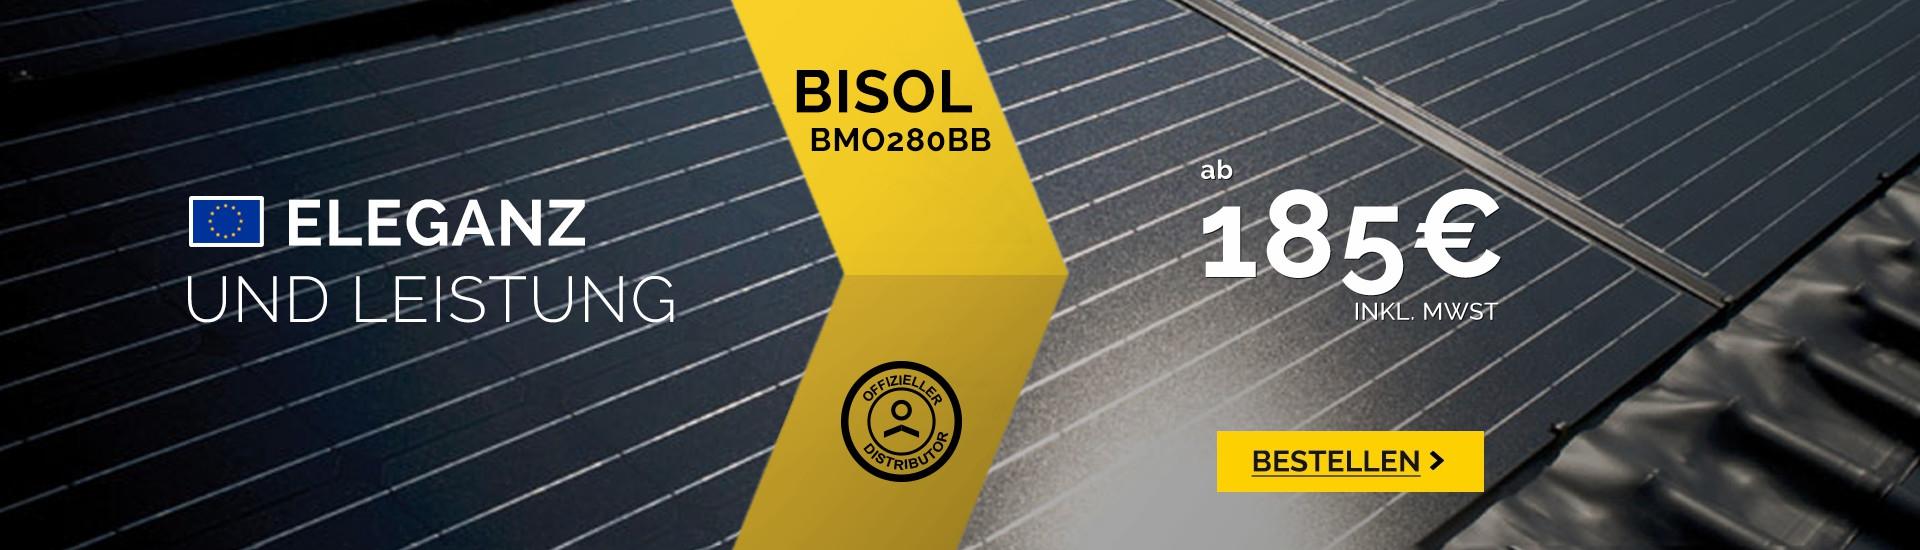 Solarmodule Bisol BMO 280 schwarz